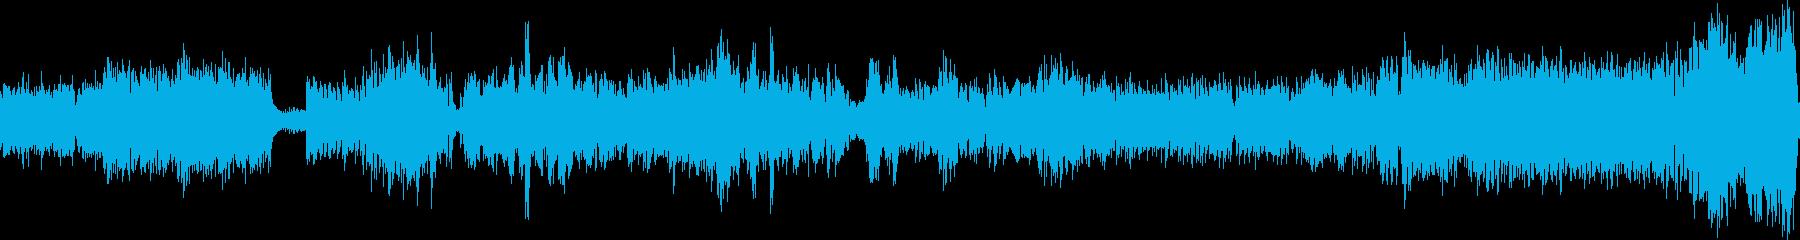 モーターロボットトルク異常の再生済みの波形